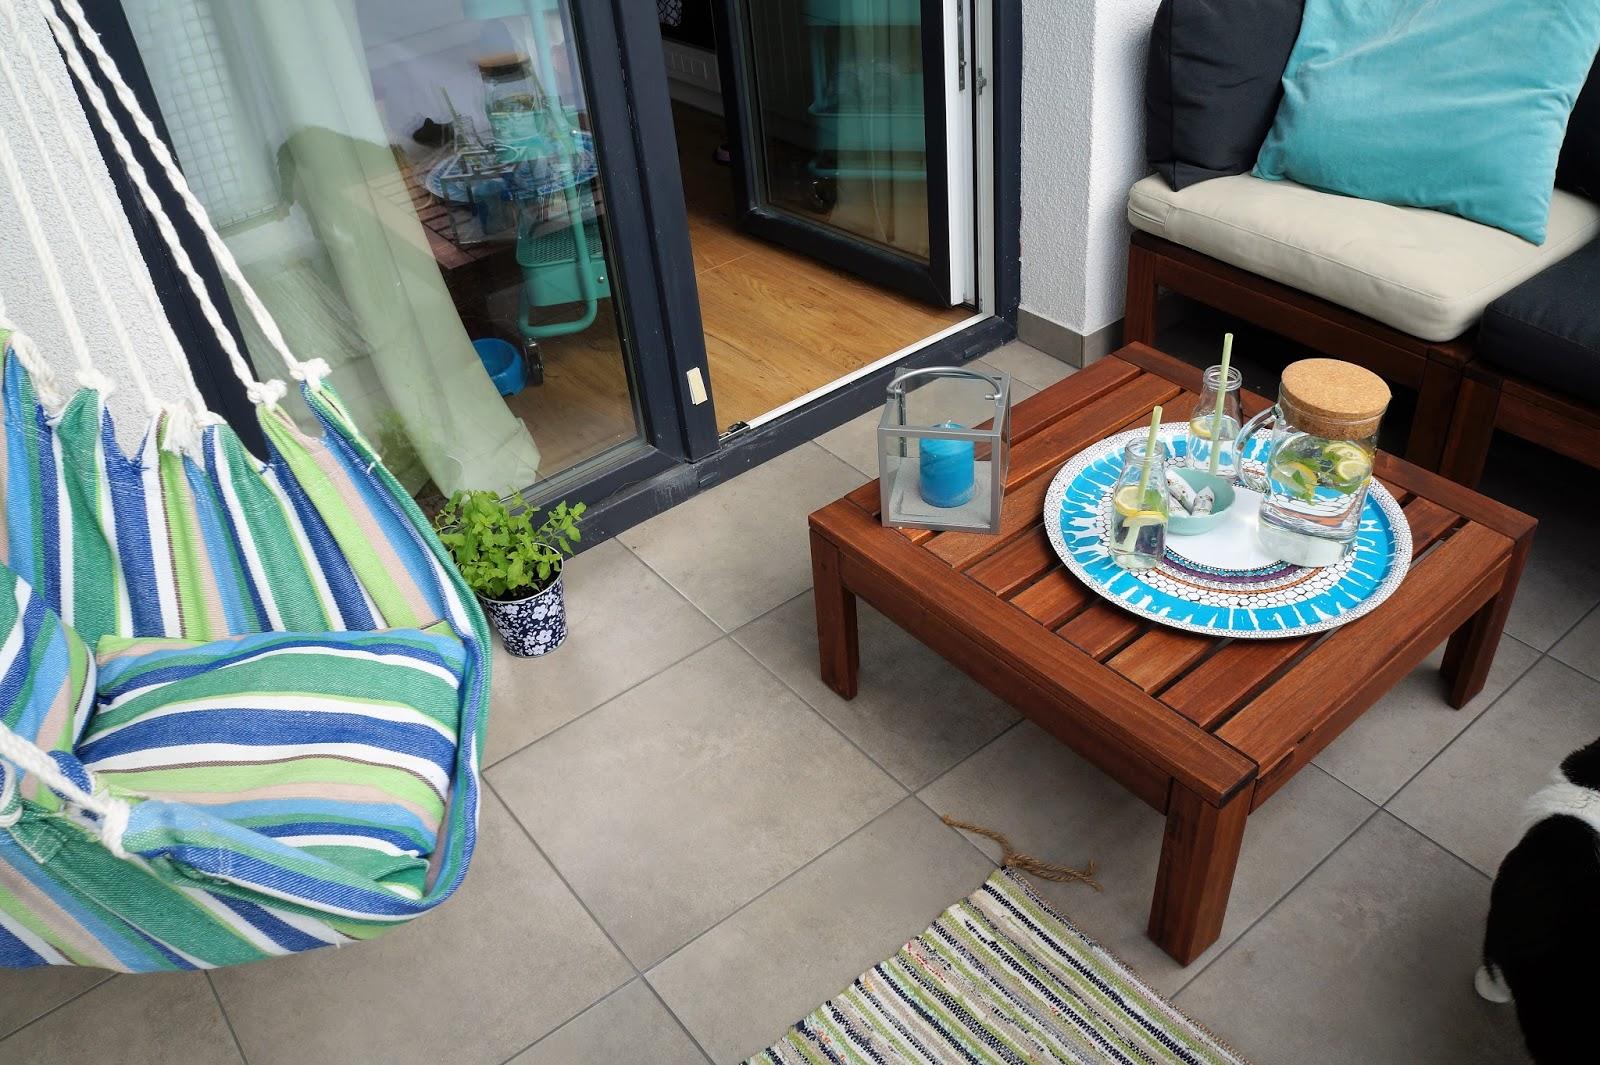 Pani kr liczek moje mieszkanie balkon kosztorys 90 - Balkon bescherming leroy merlin ...